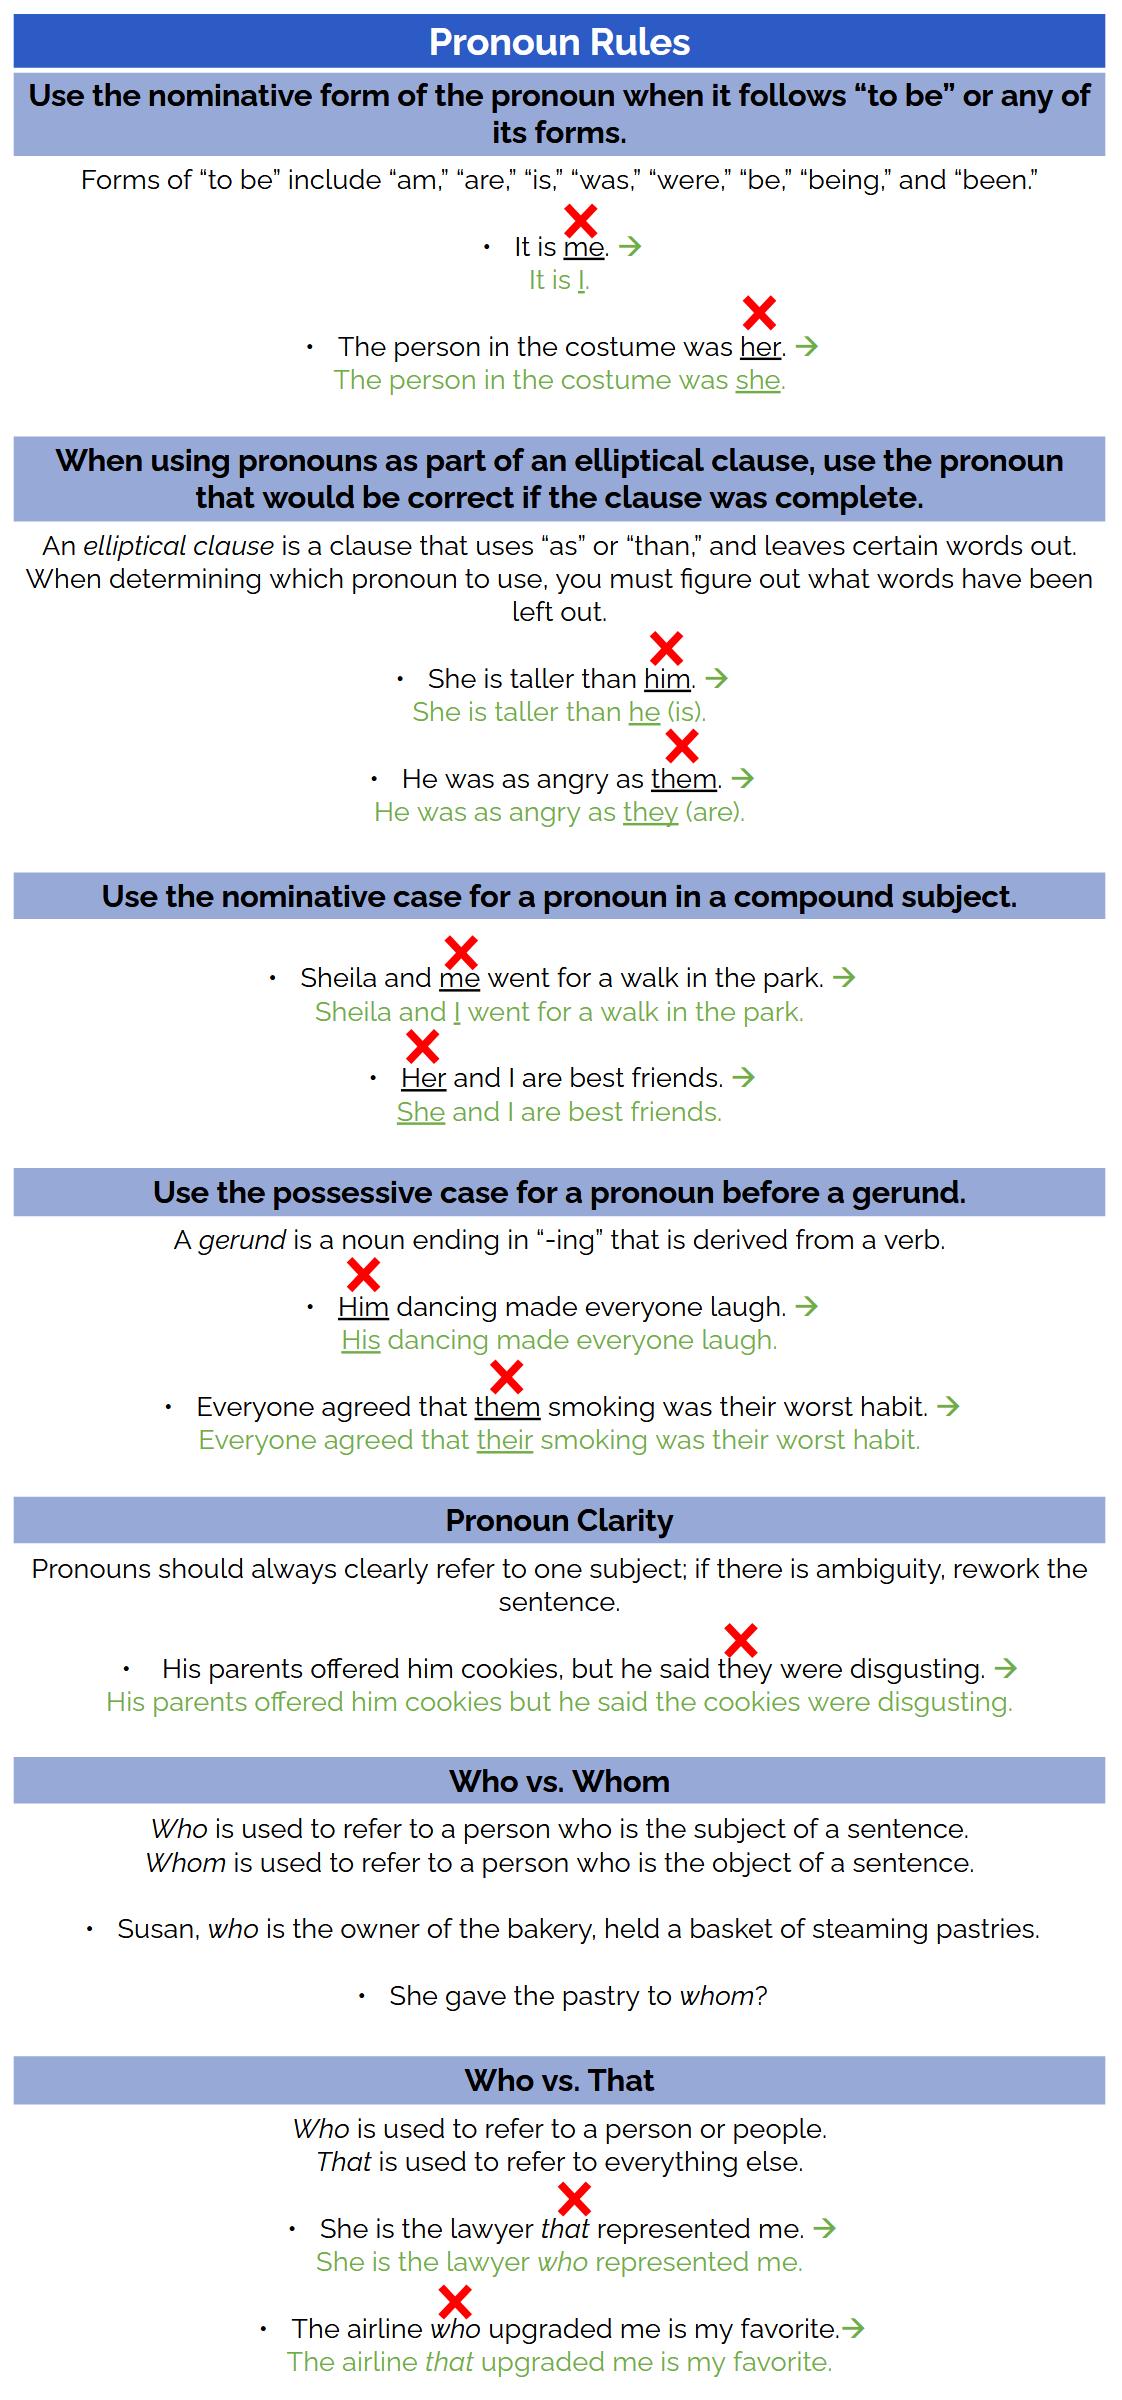 ACT grammar practice: pronoun usage